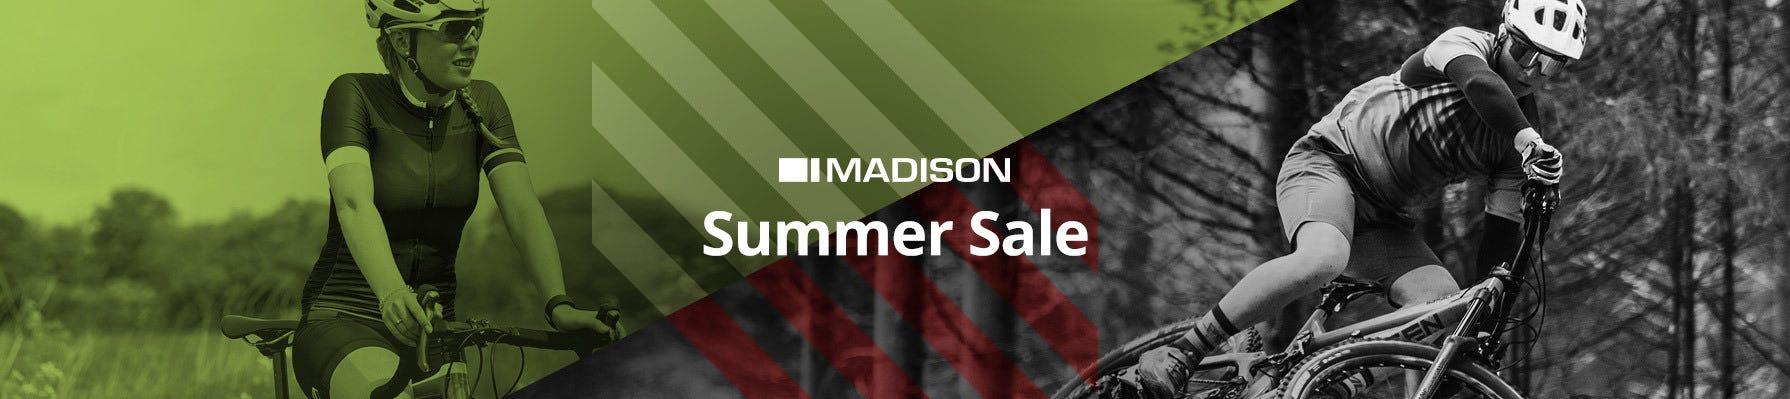 Madison Clothing Sale